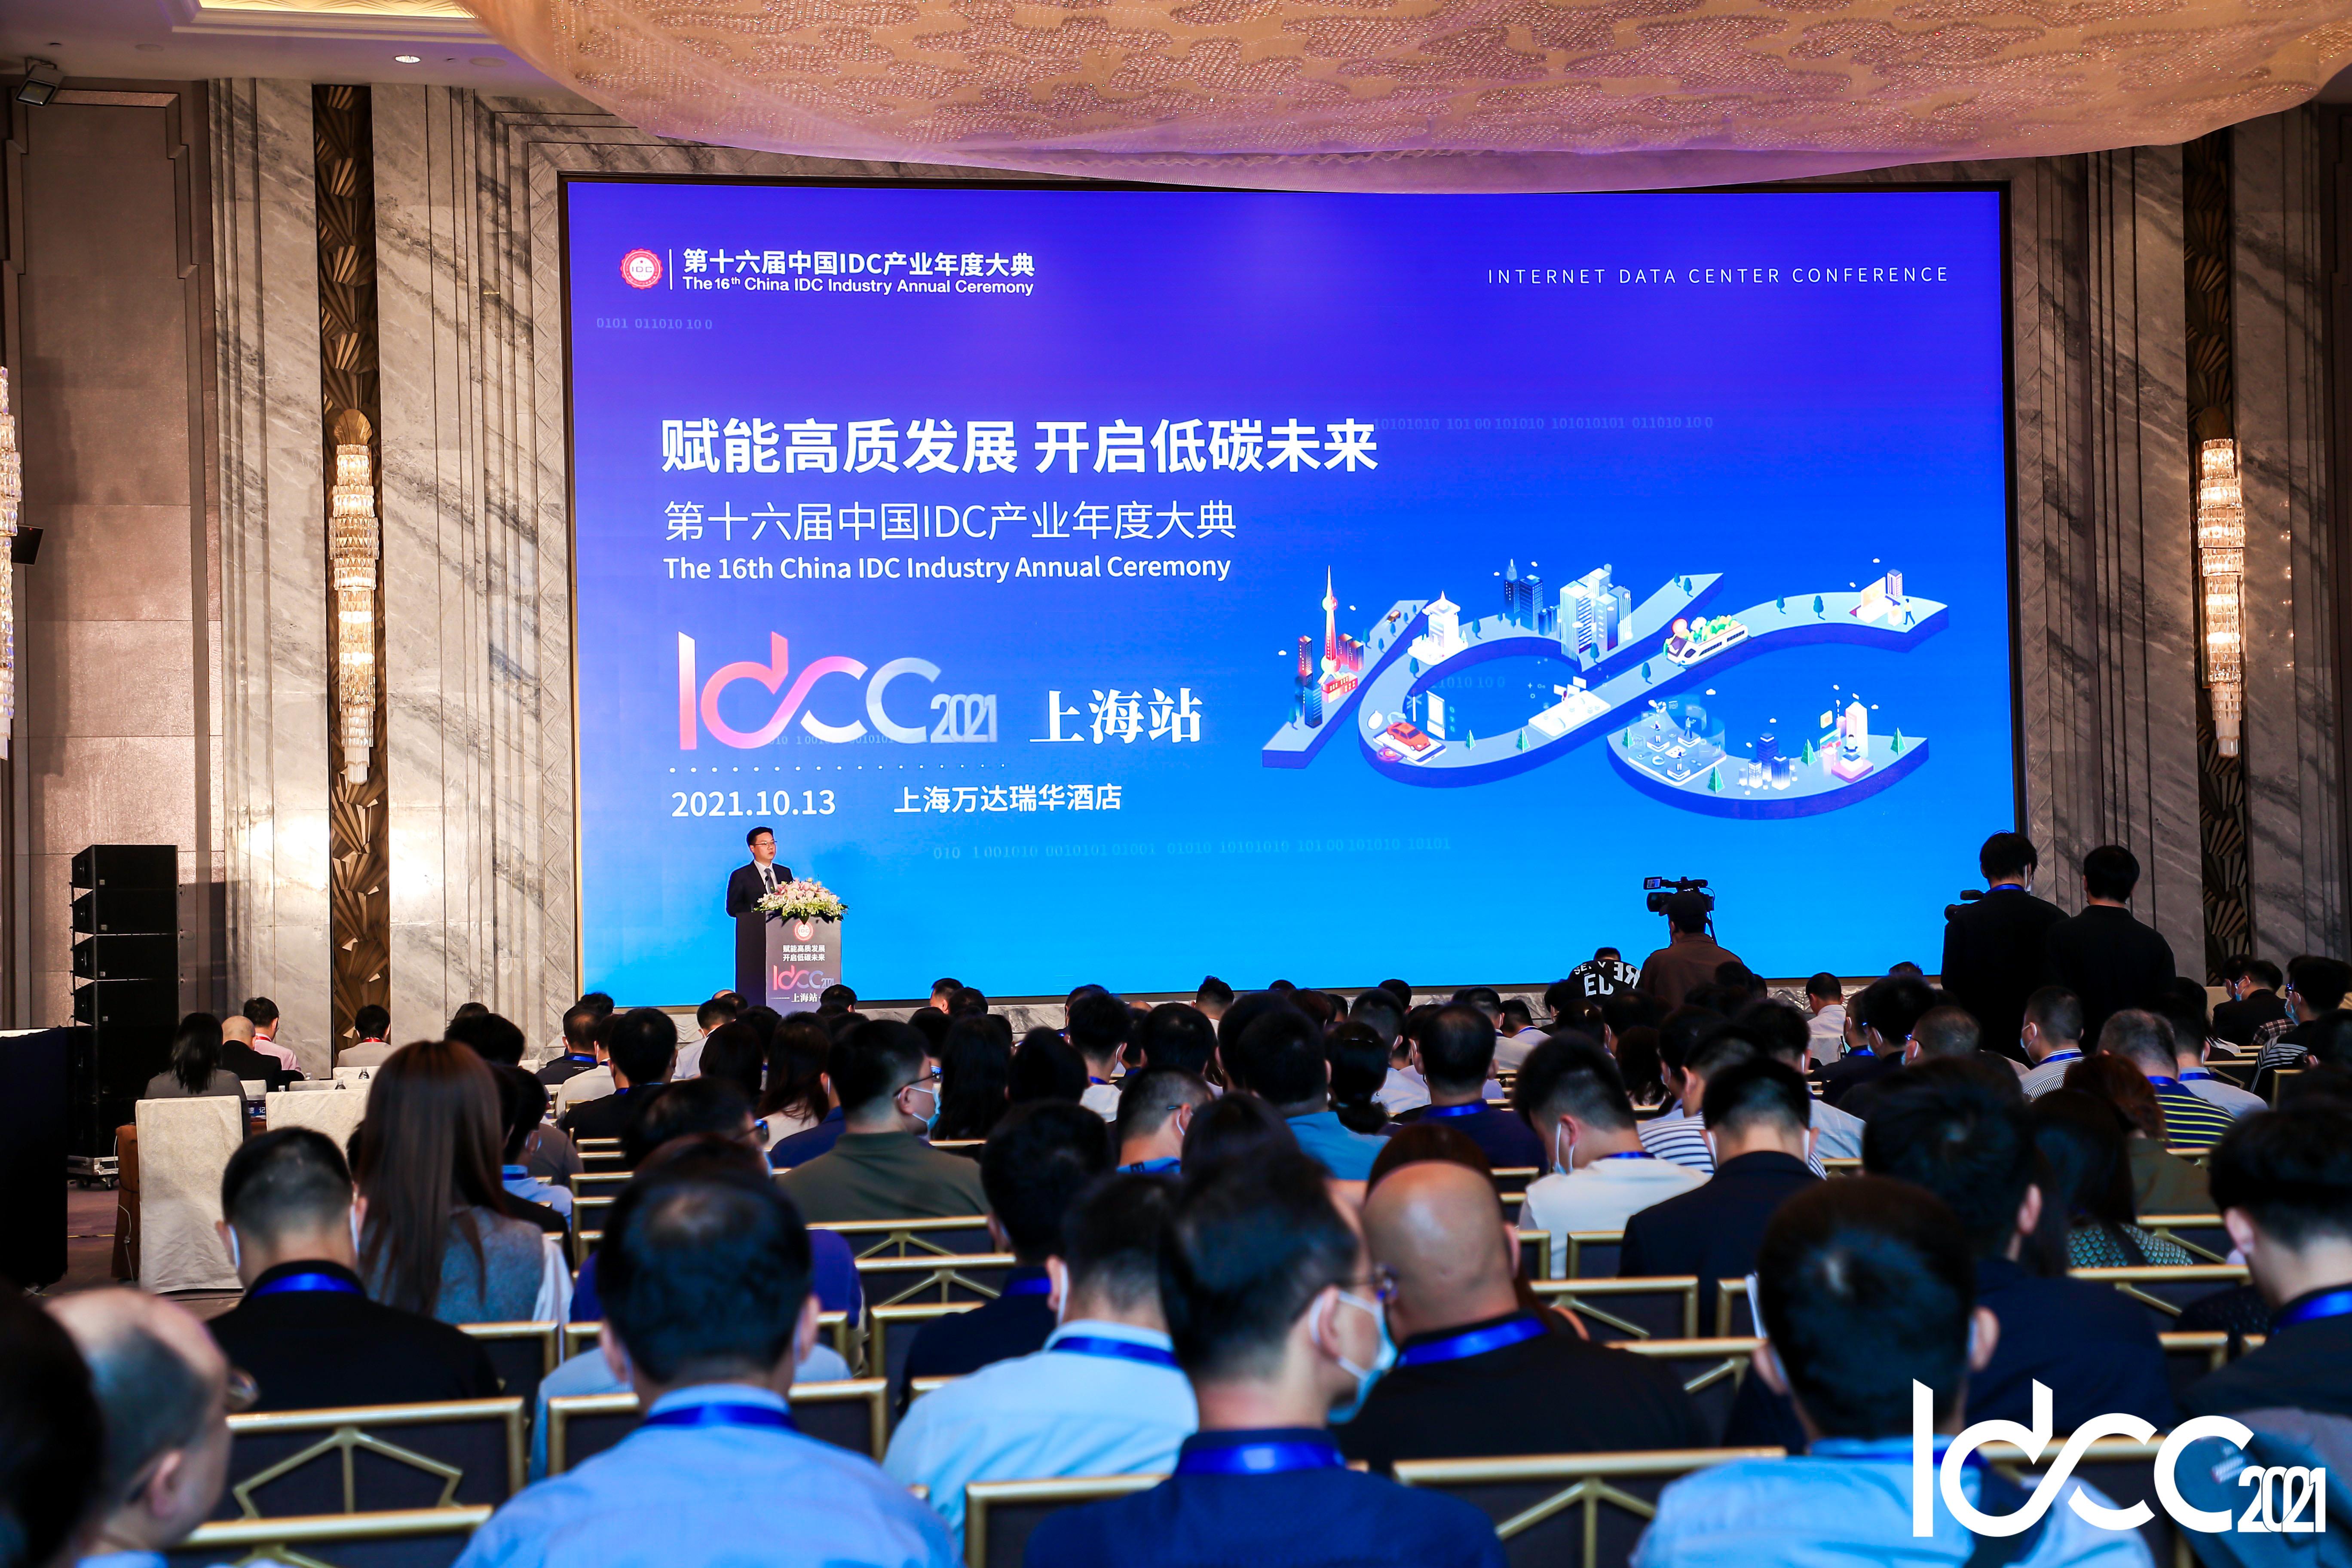 低碳实践 高质发展 | 浩云长盛集团亮相IDCC2021上海站